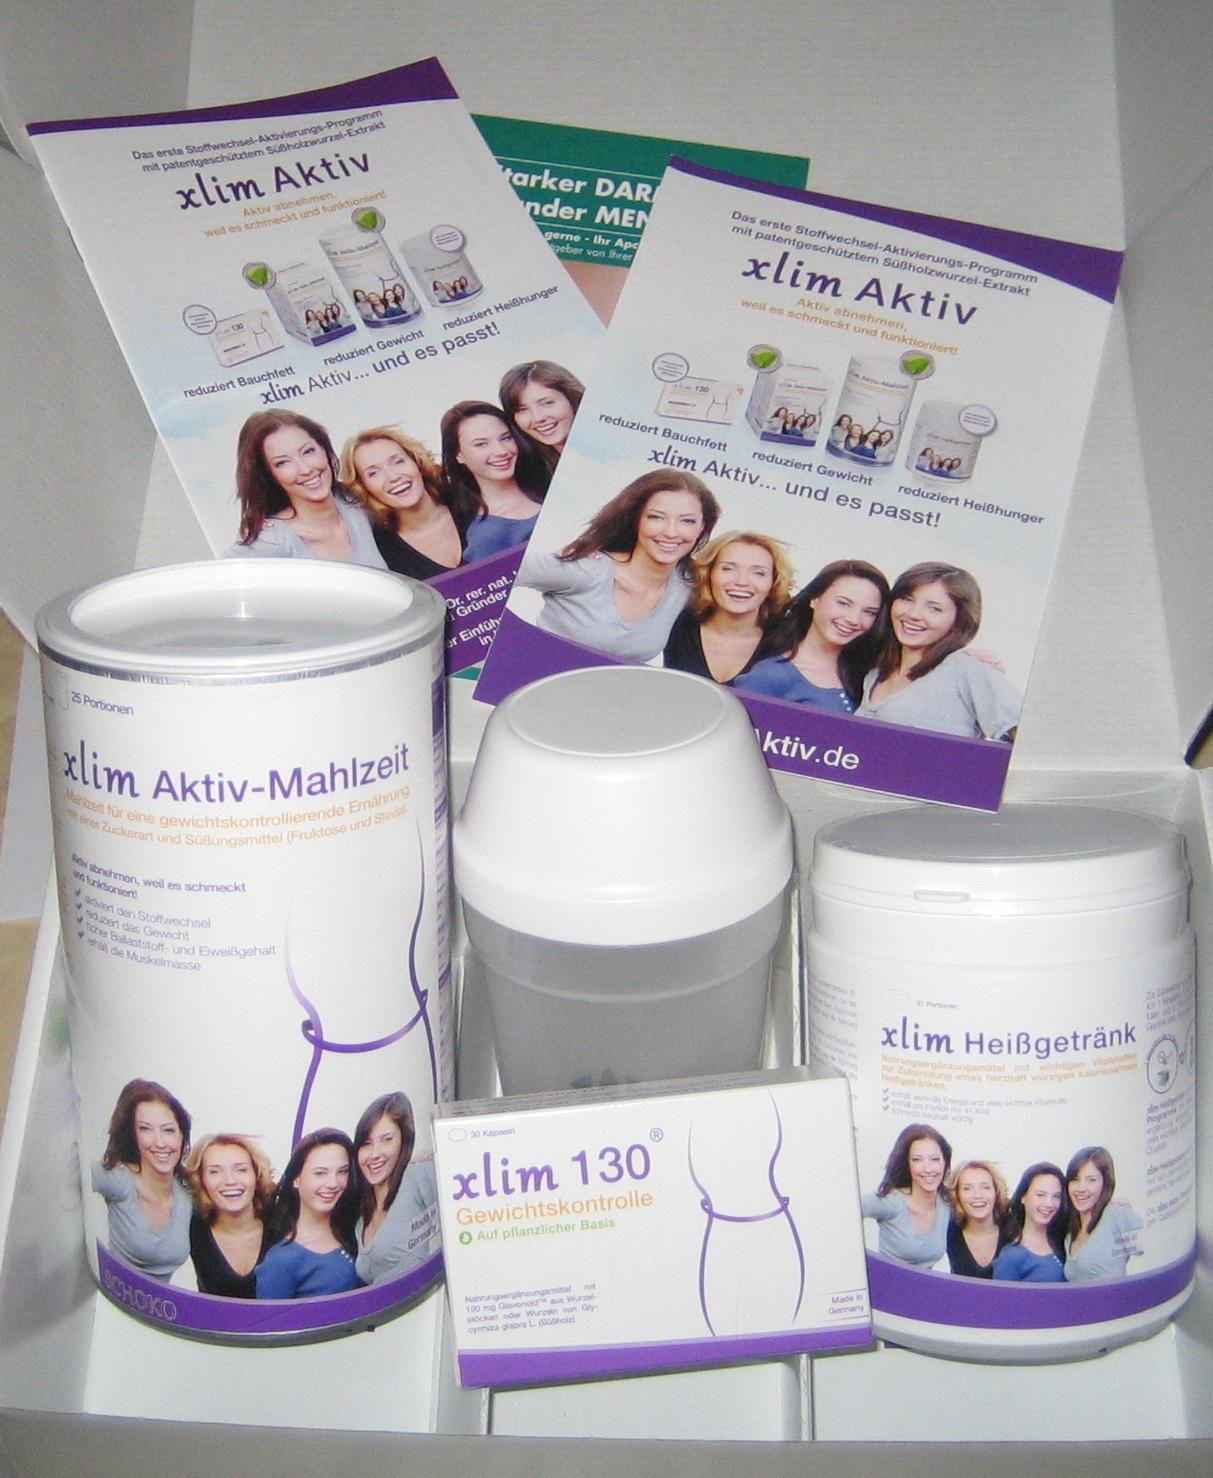 xlim Aktiv – Das erste Stoffwechsel-Aktivierungs-Programm mit patentgeschütztem Süholzwurzel-Extrakt